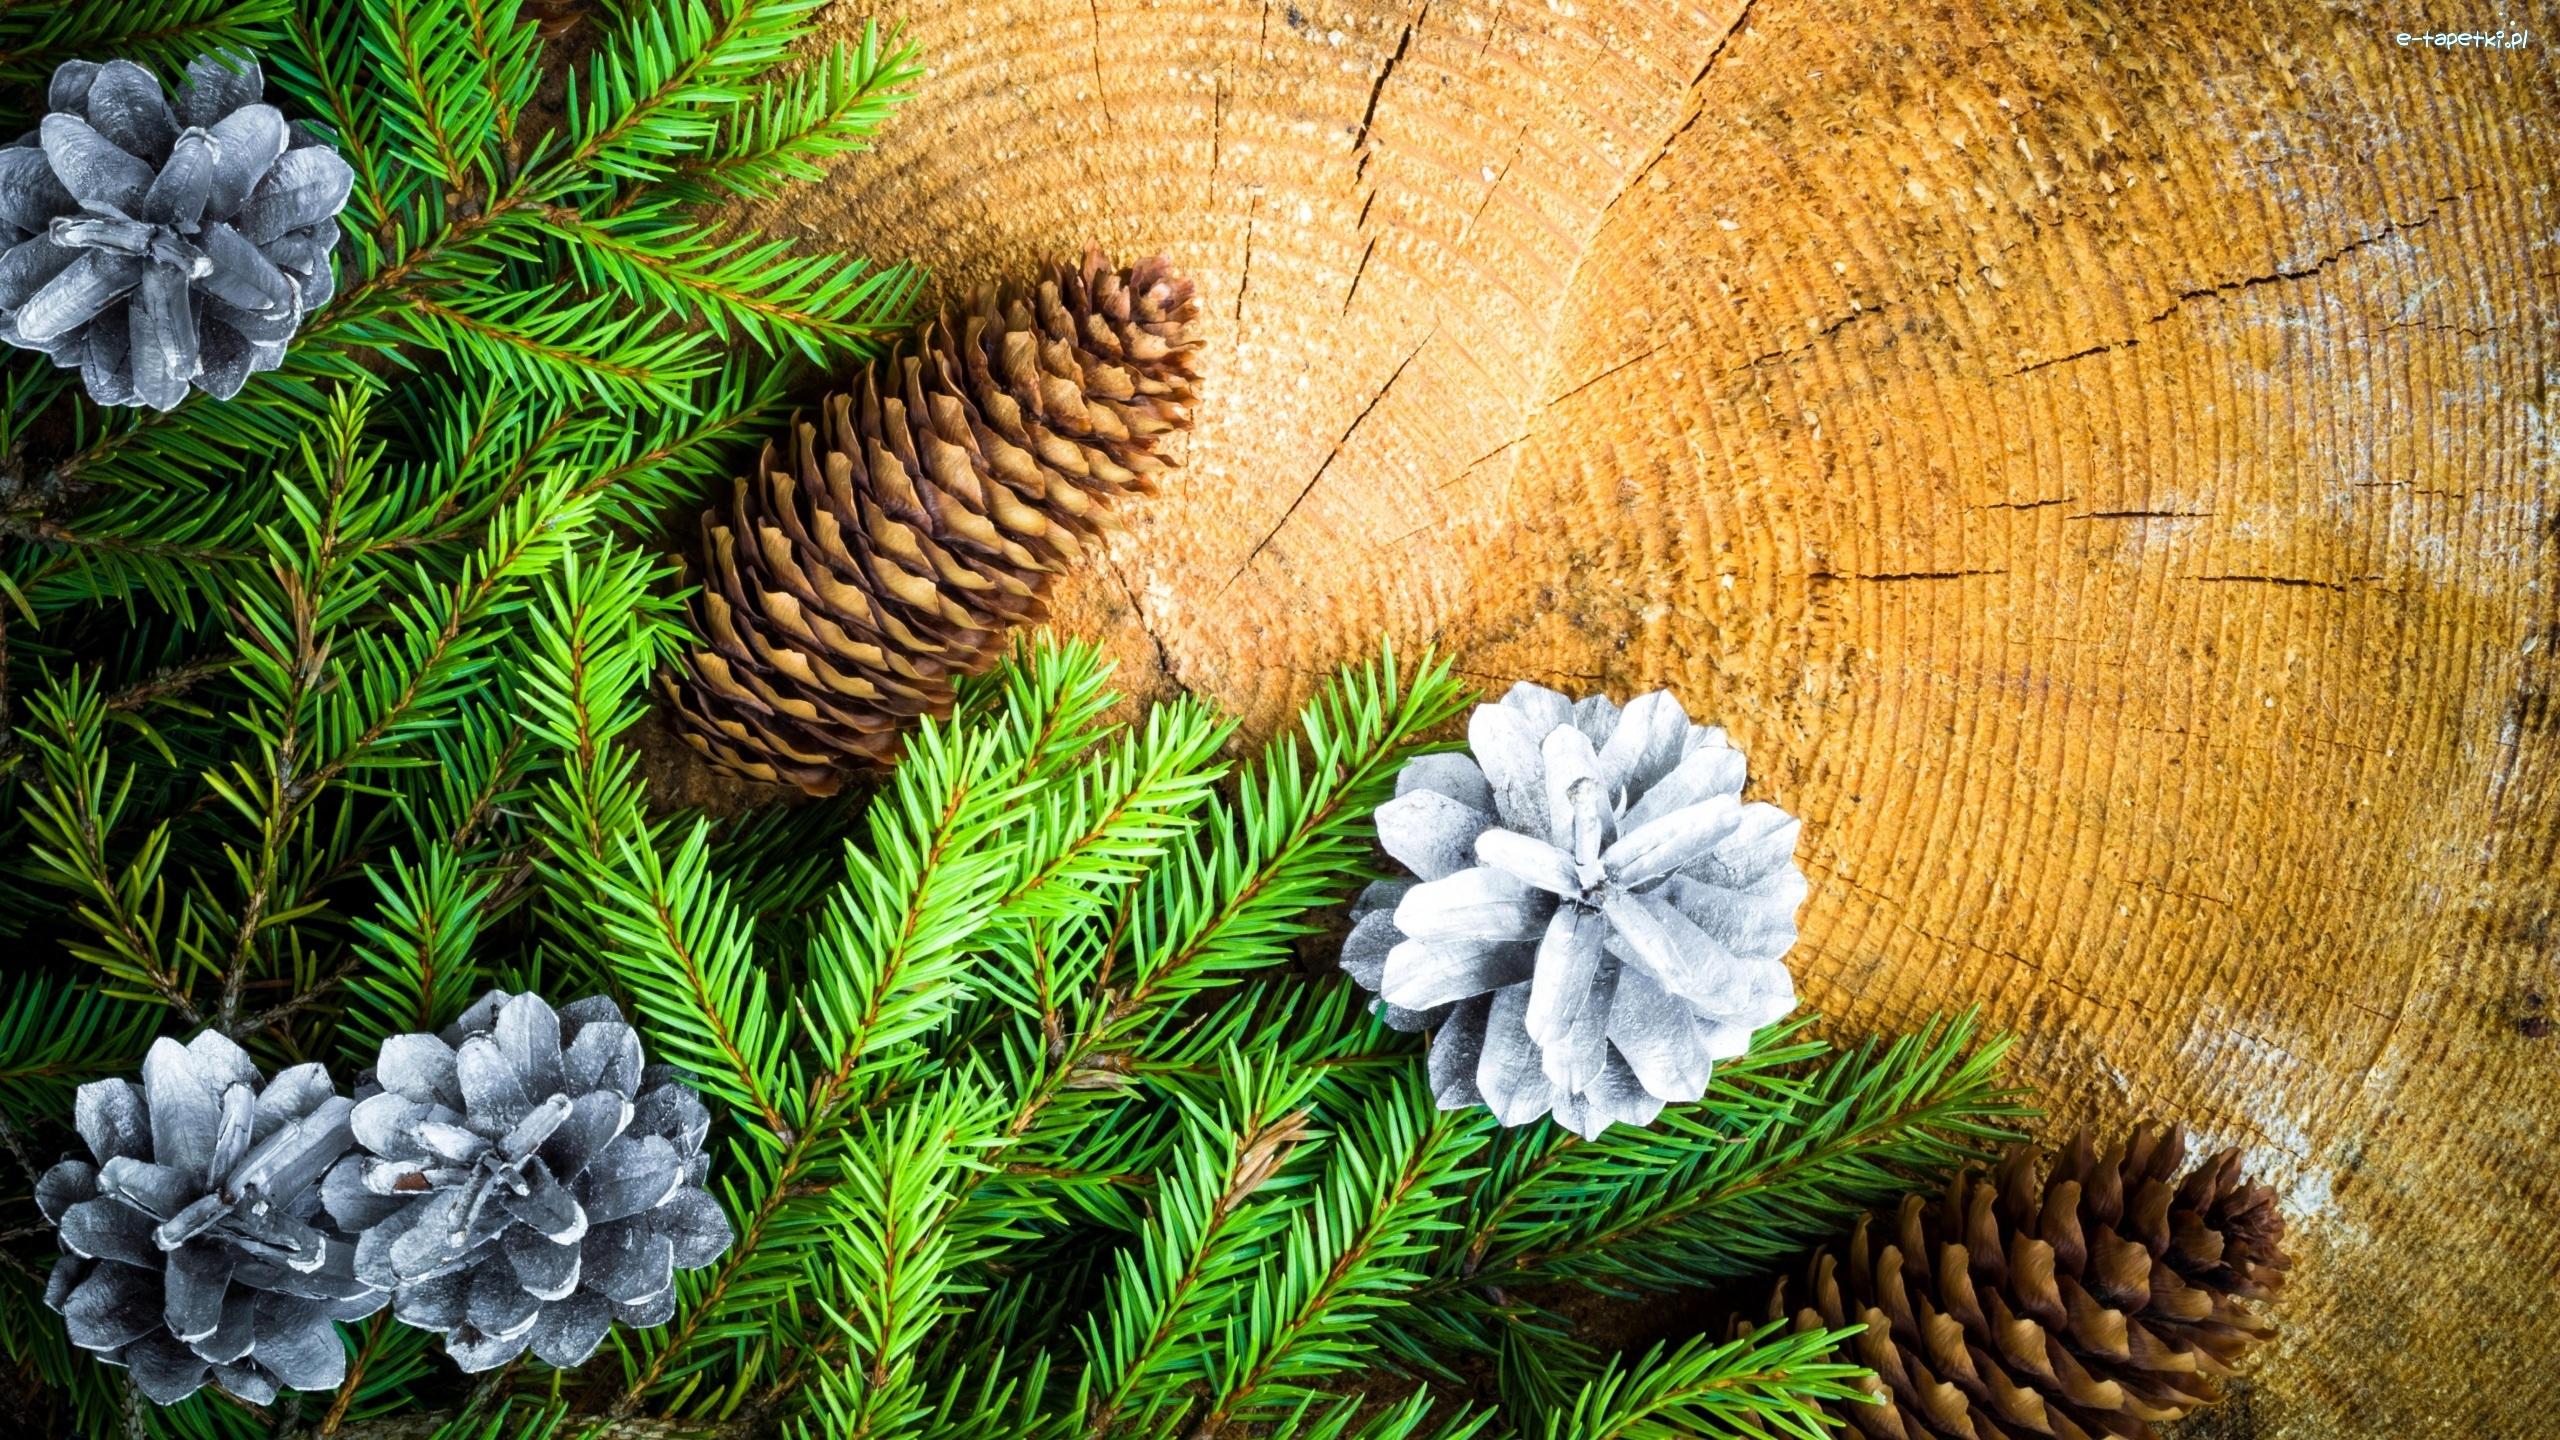 Dekoracja świąteczne Gałązki Szyszki